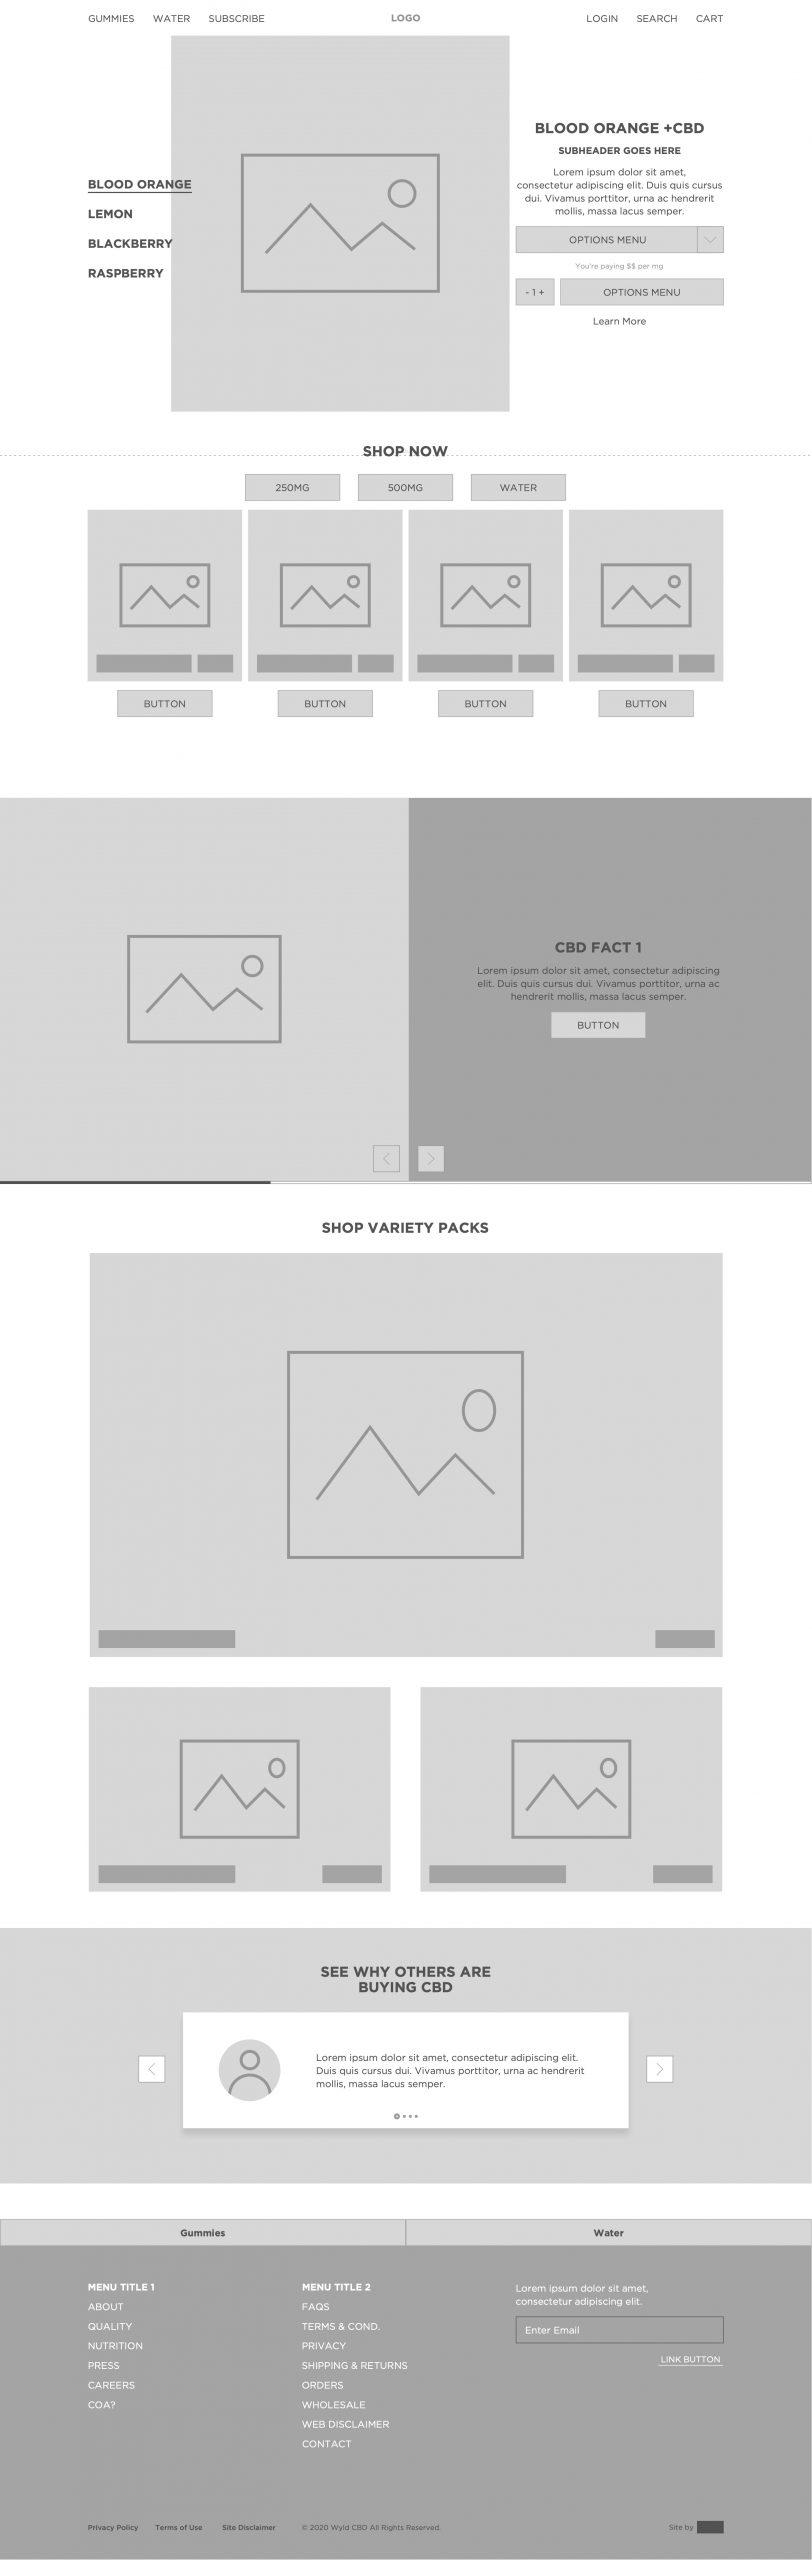 Desktop-homepage-1